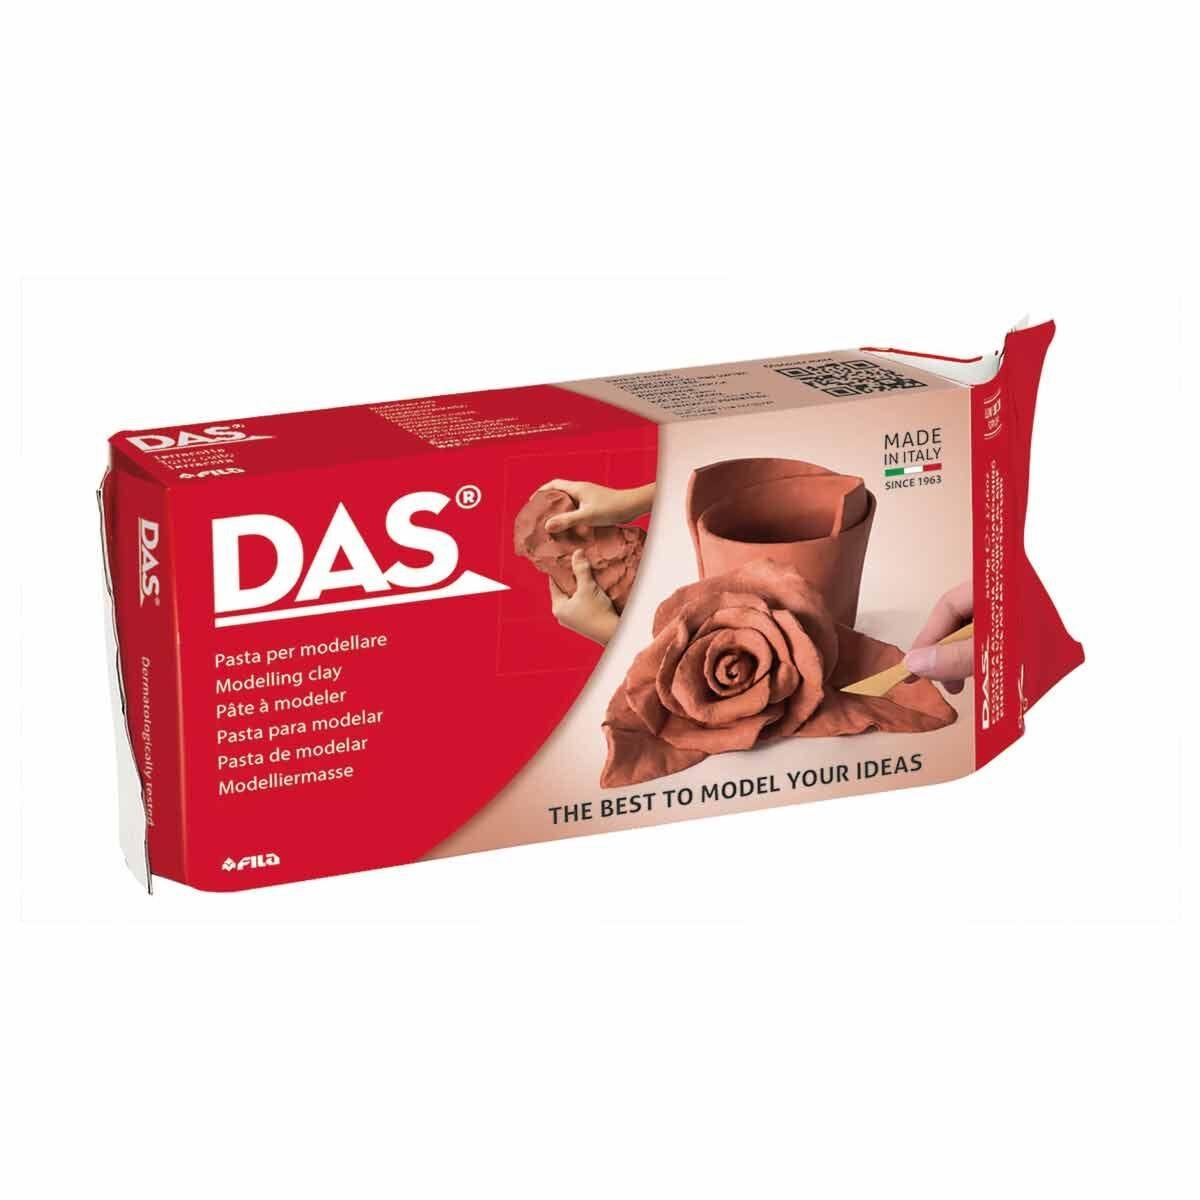 DAS Air Drying Clay 1kg Terracotta